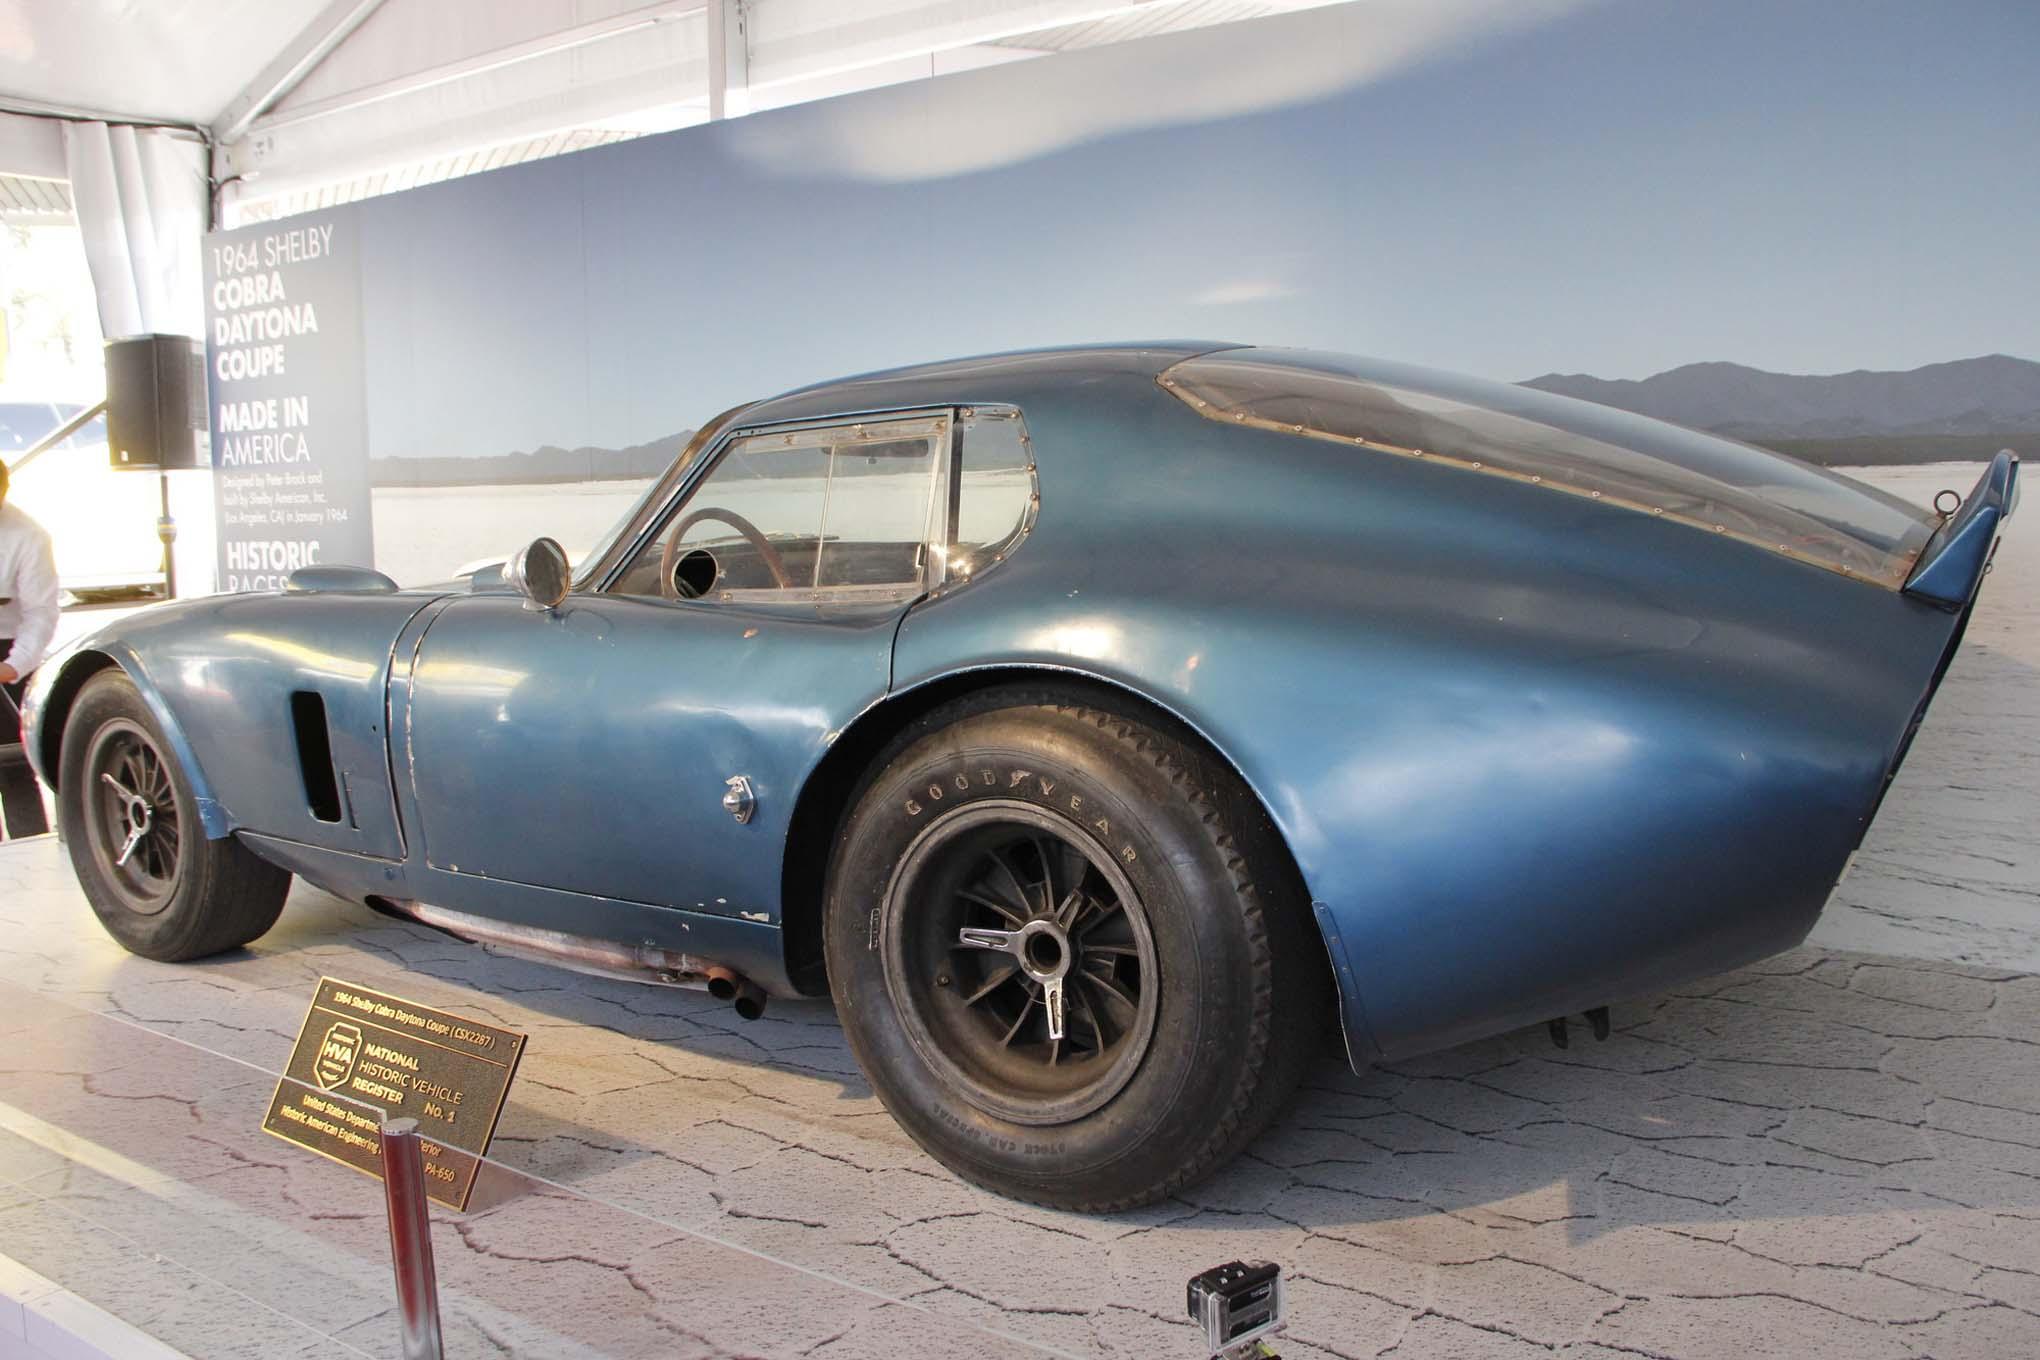 003 Shelby Daytona Coupe Lpr